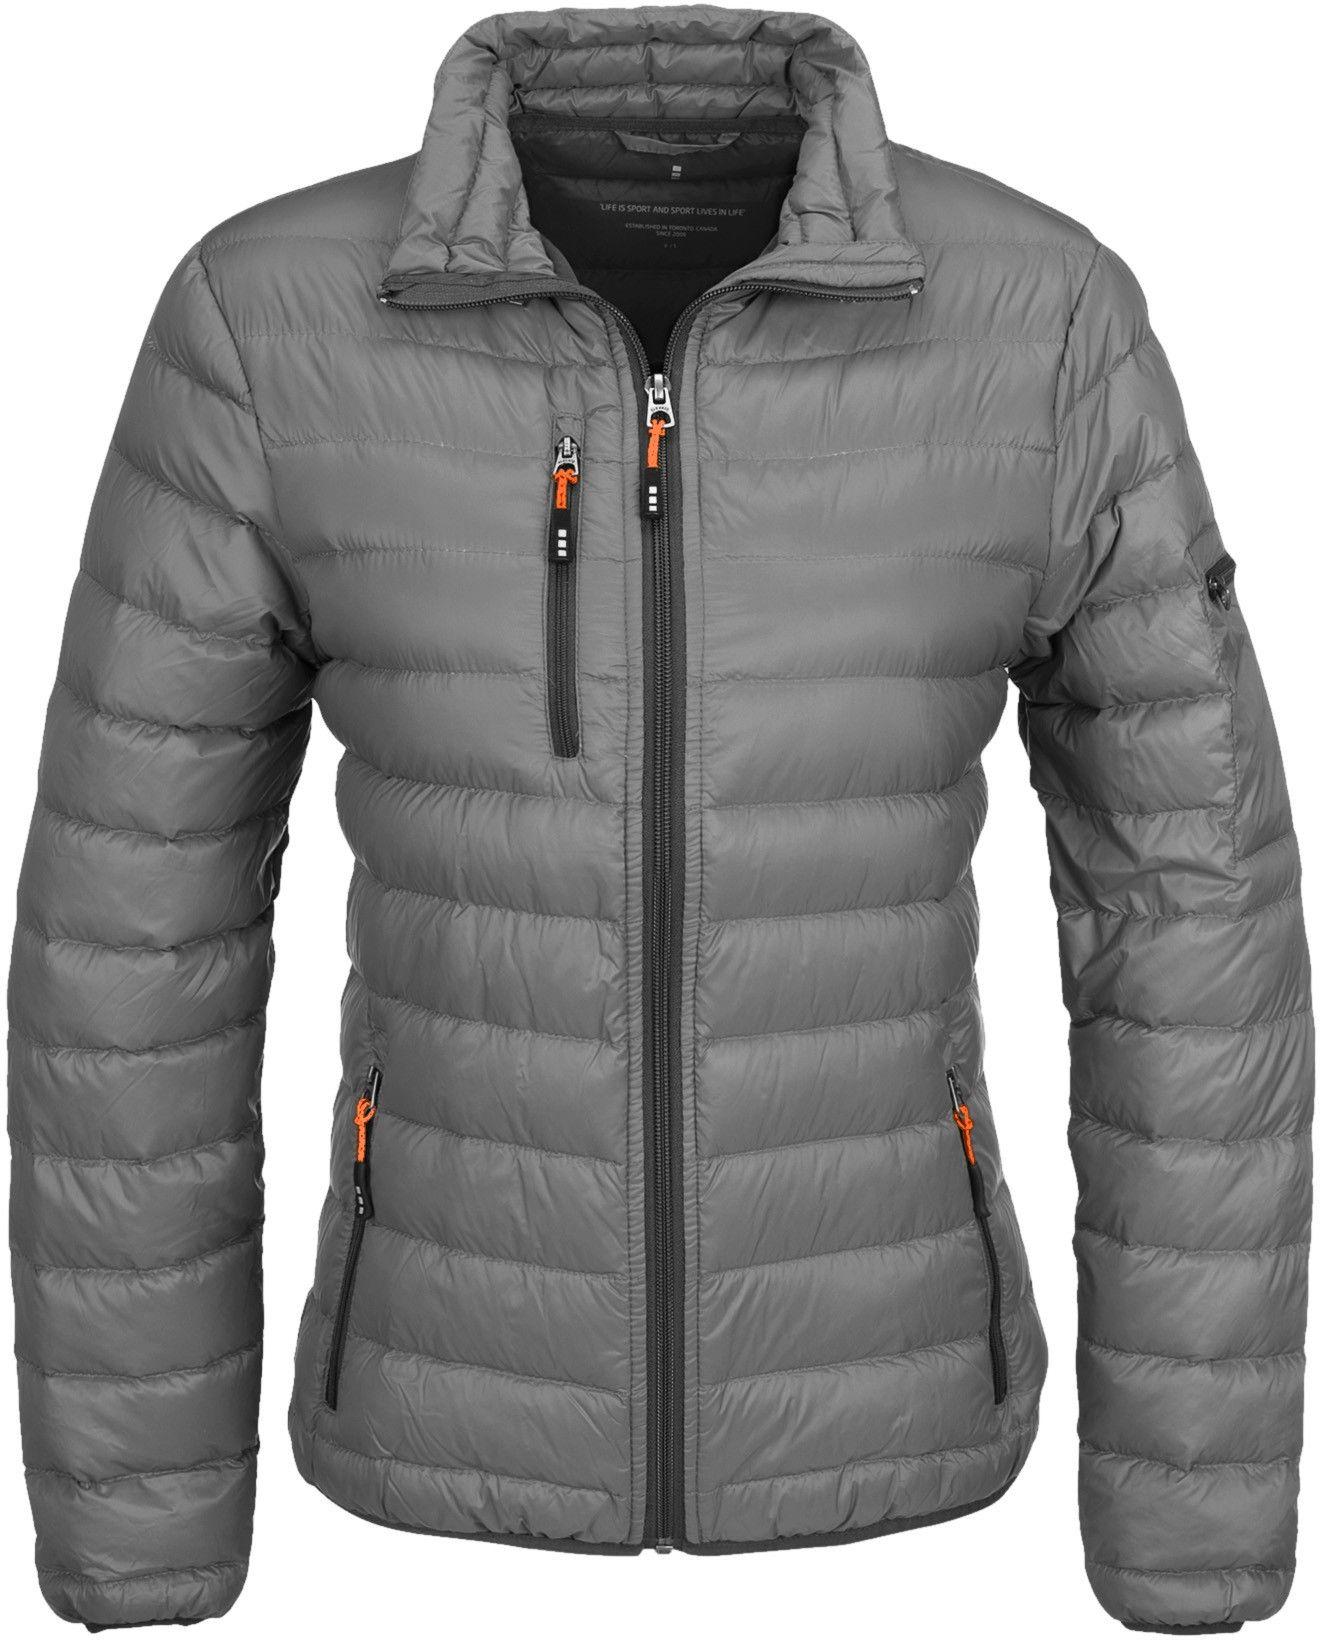 Unisex Slazenger Fleece Jacket Zip Coat Warm Winter New Top White Black